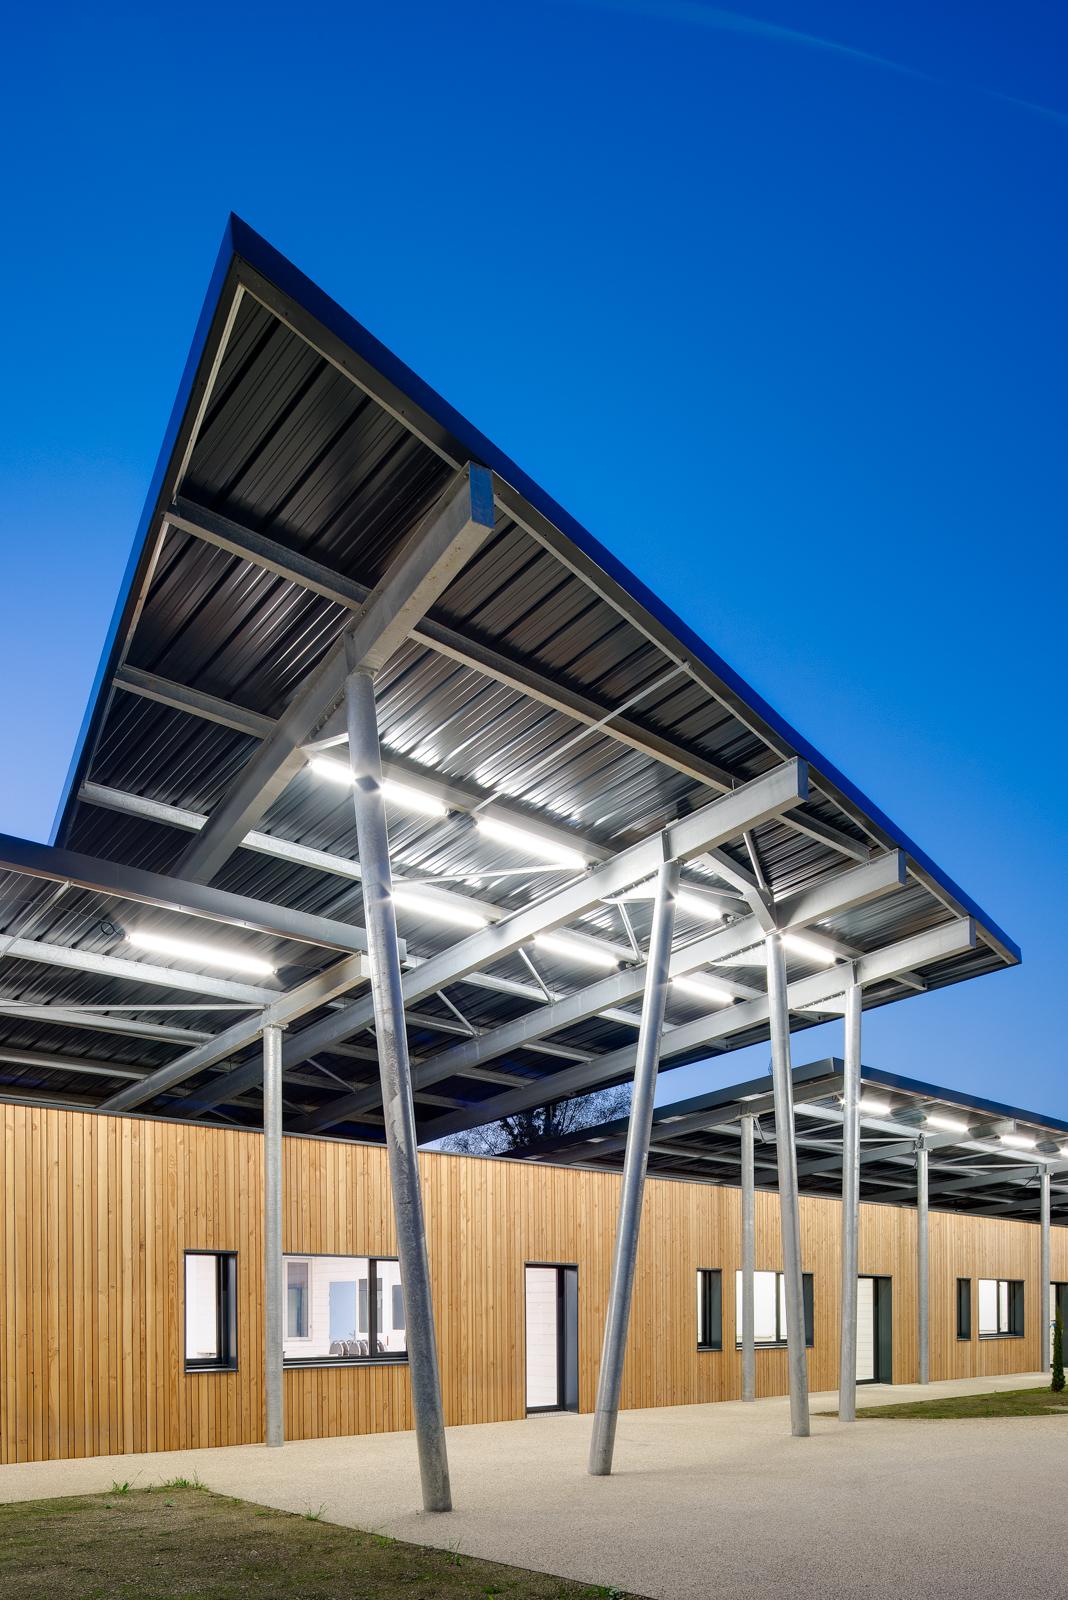 Avancée de toiture principale / Main roof overhang